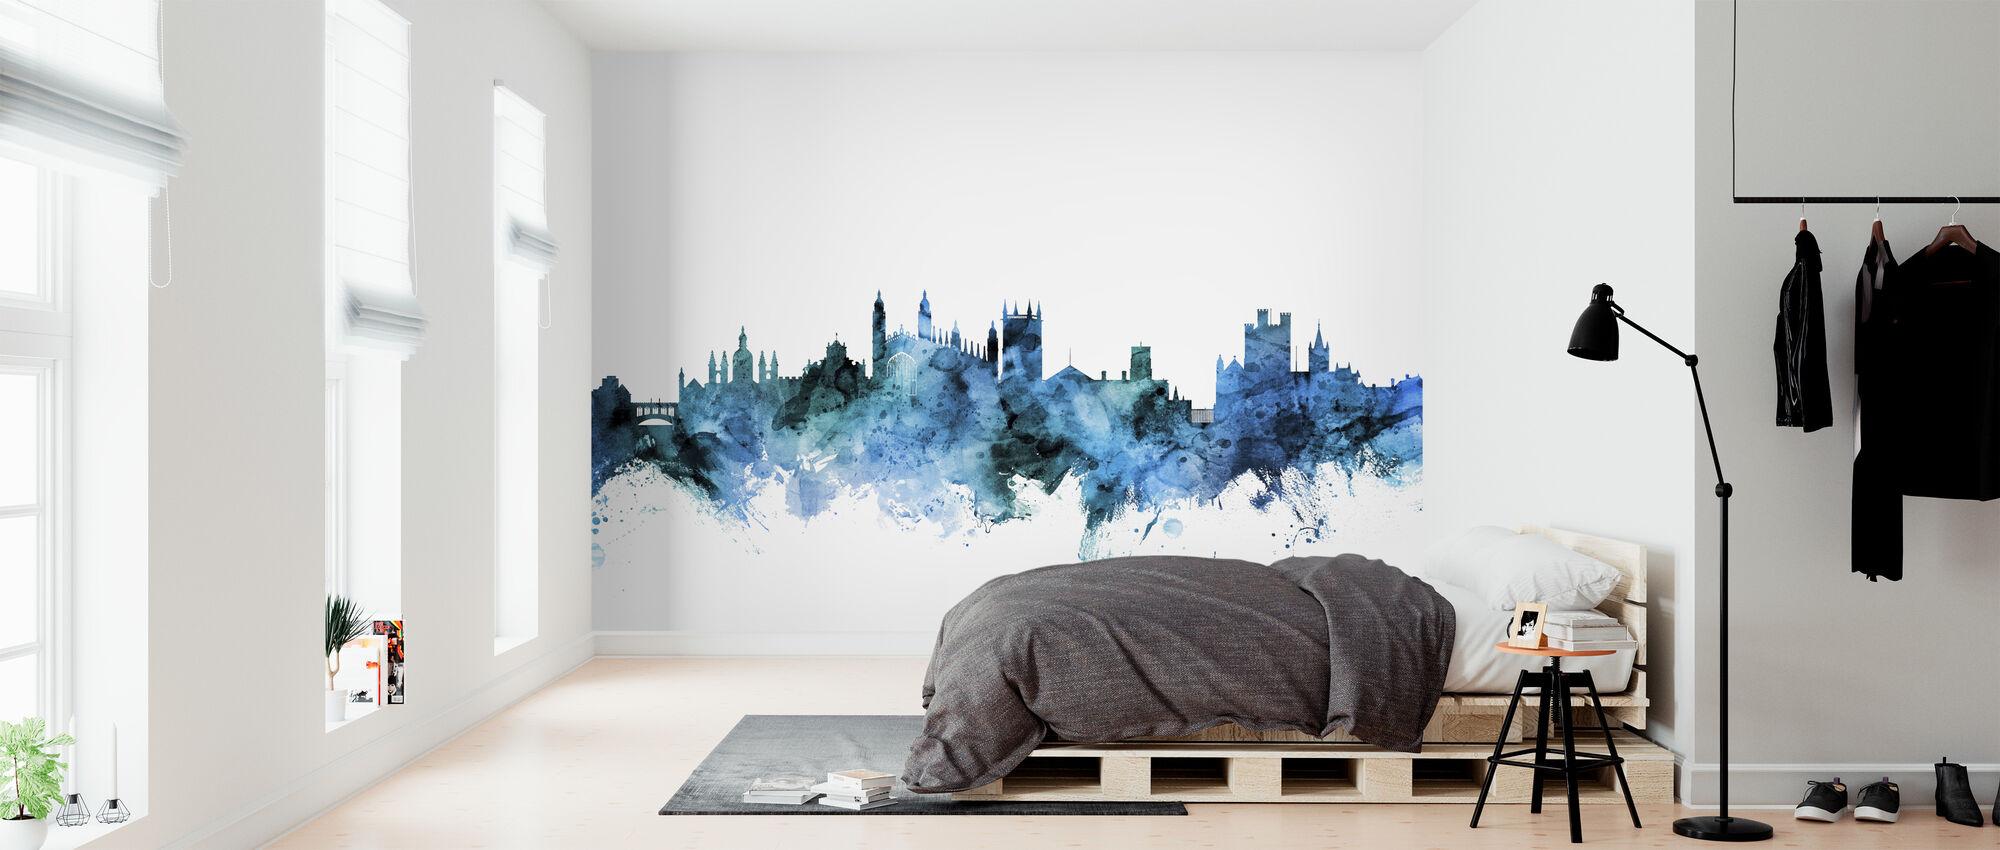 Cambridge England Skyline - Wallpaper - Bedroom